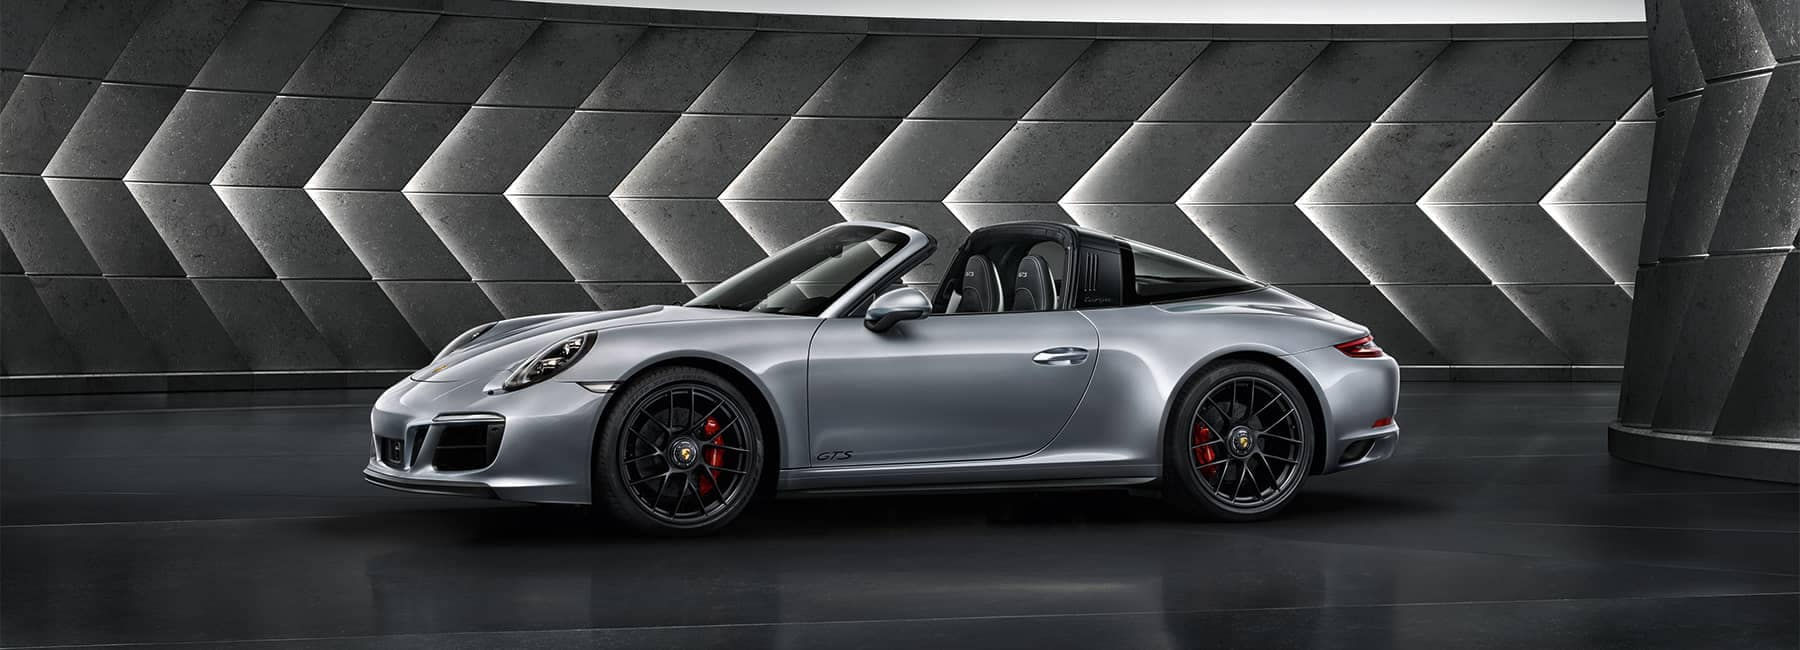 911-Targa-4-GTS